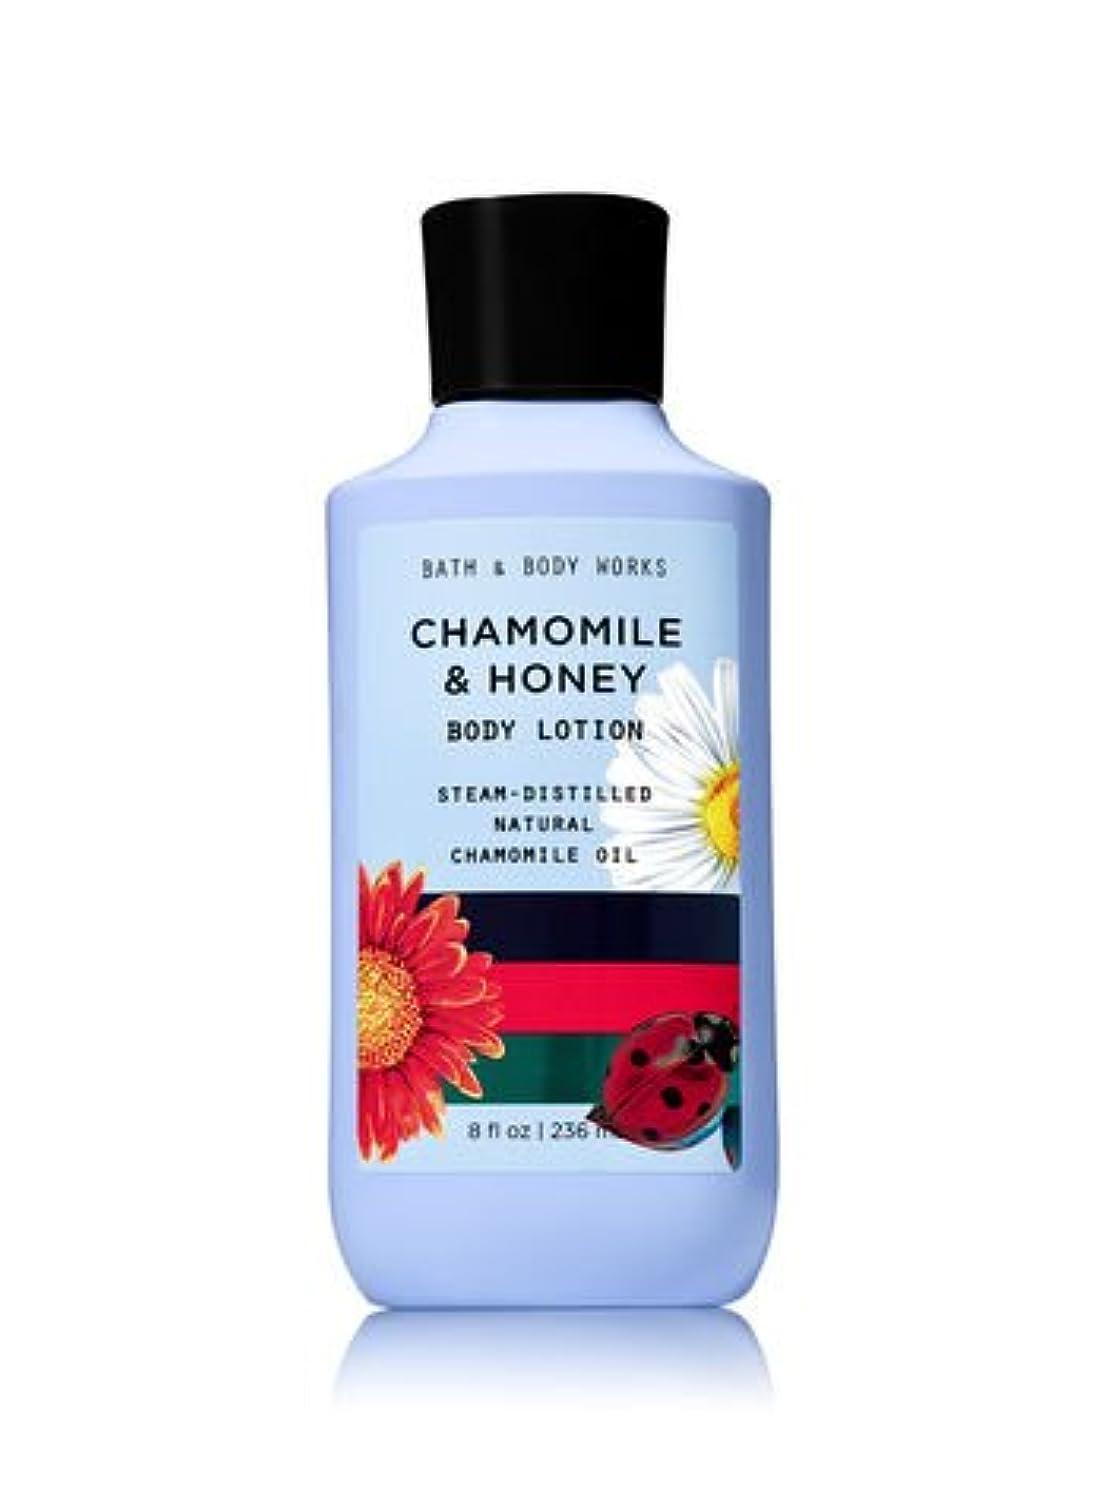 ぴったり線アルネ【Bath&Body Works/バス&ボディワークス】 ボディローション カモミール&ハニー Body Lotion Chamomile & Honey 8 fl oz/236 mL [並行輸入品]